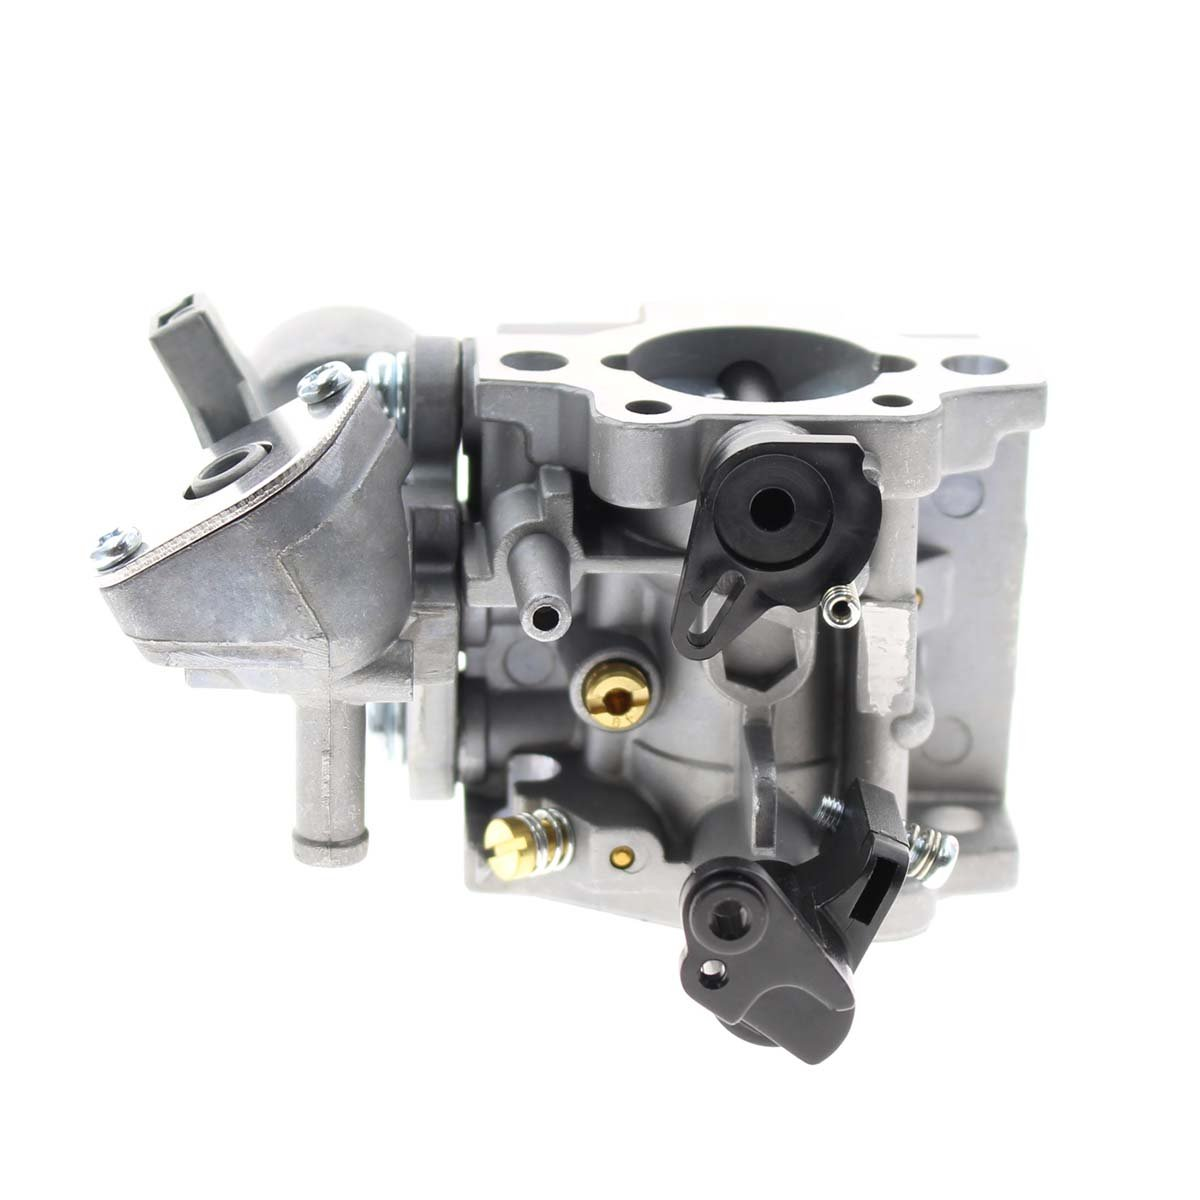 autokay carburador para Subaru Robin EX17 EP17 motores ...